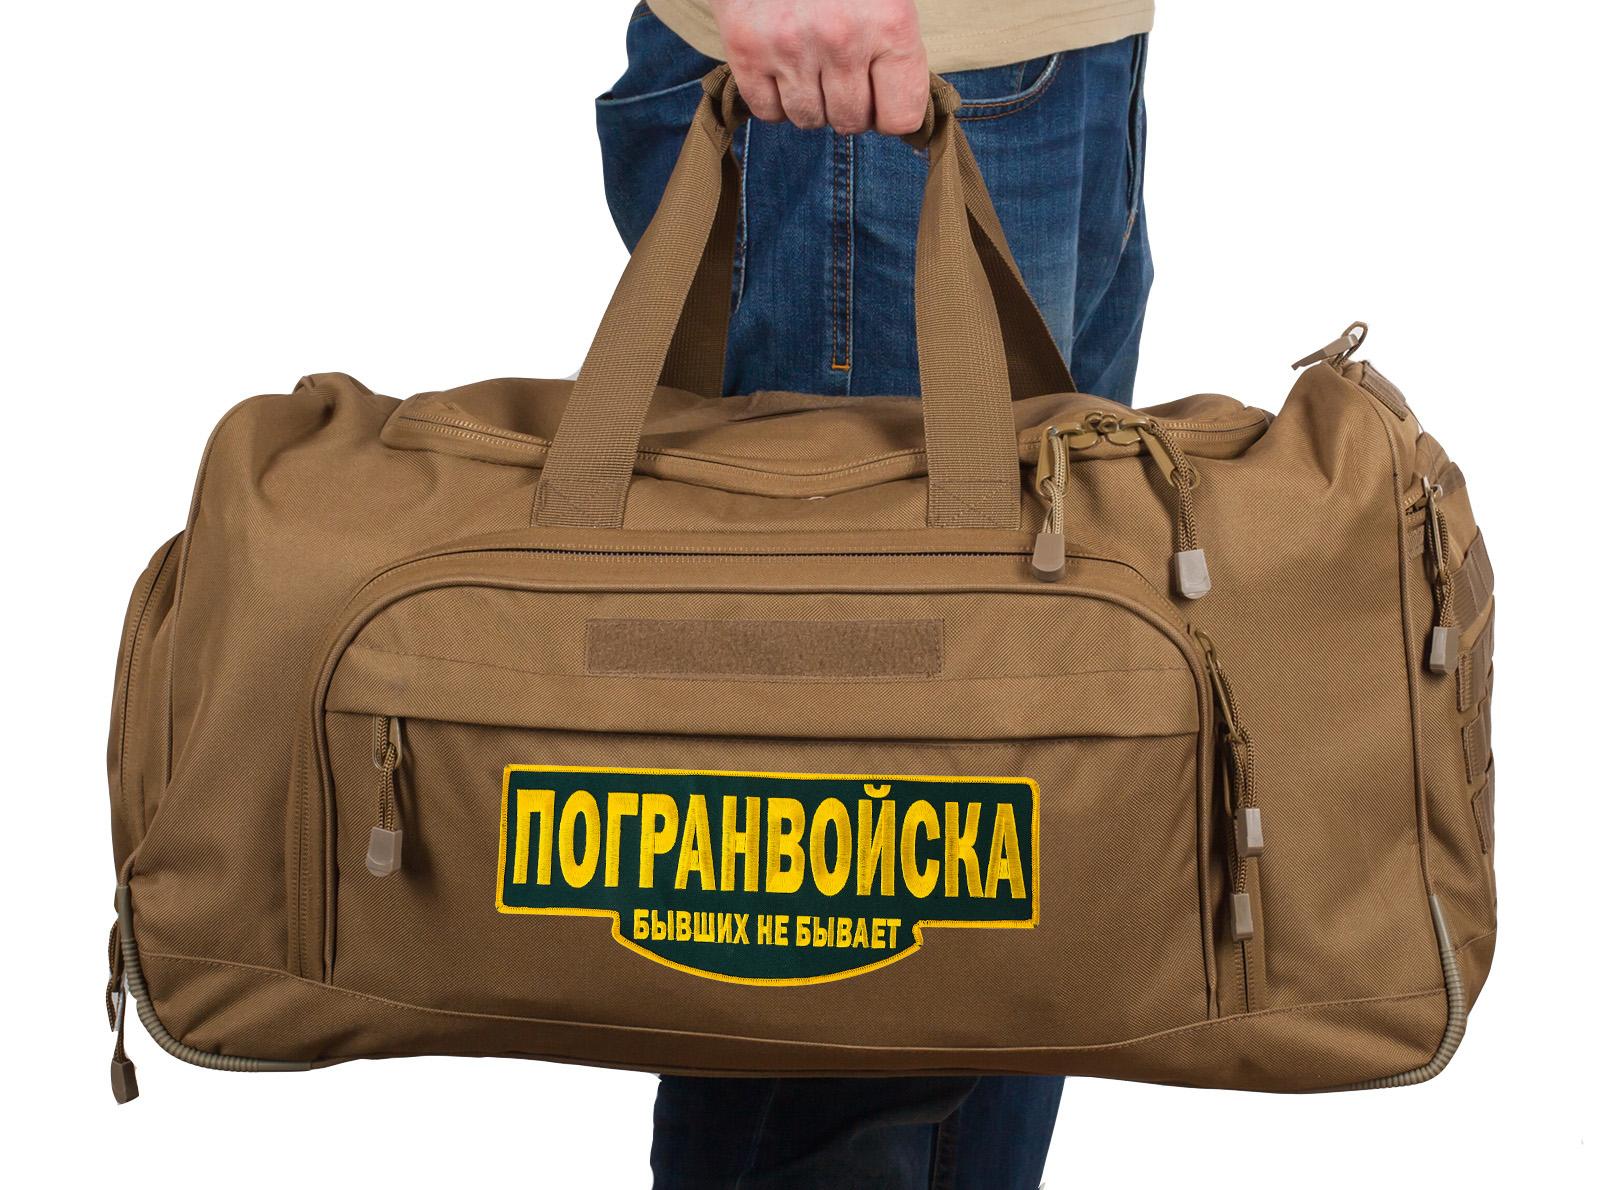 Купить походную вместительную сумку 08032B Coyote с нашивкой Погранвойска по лучшей цене